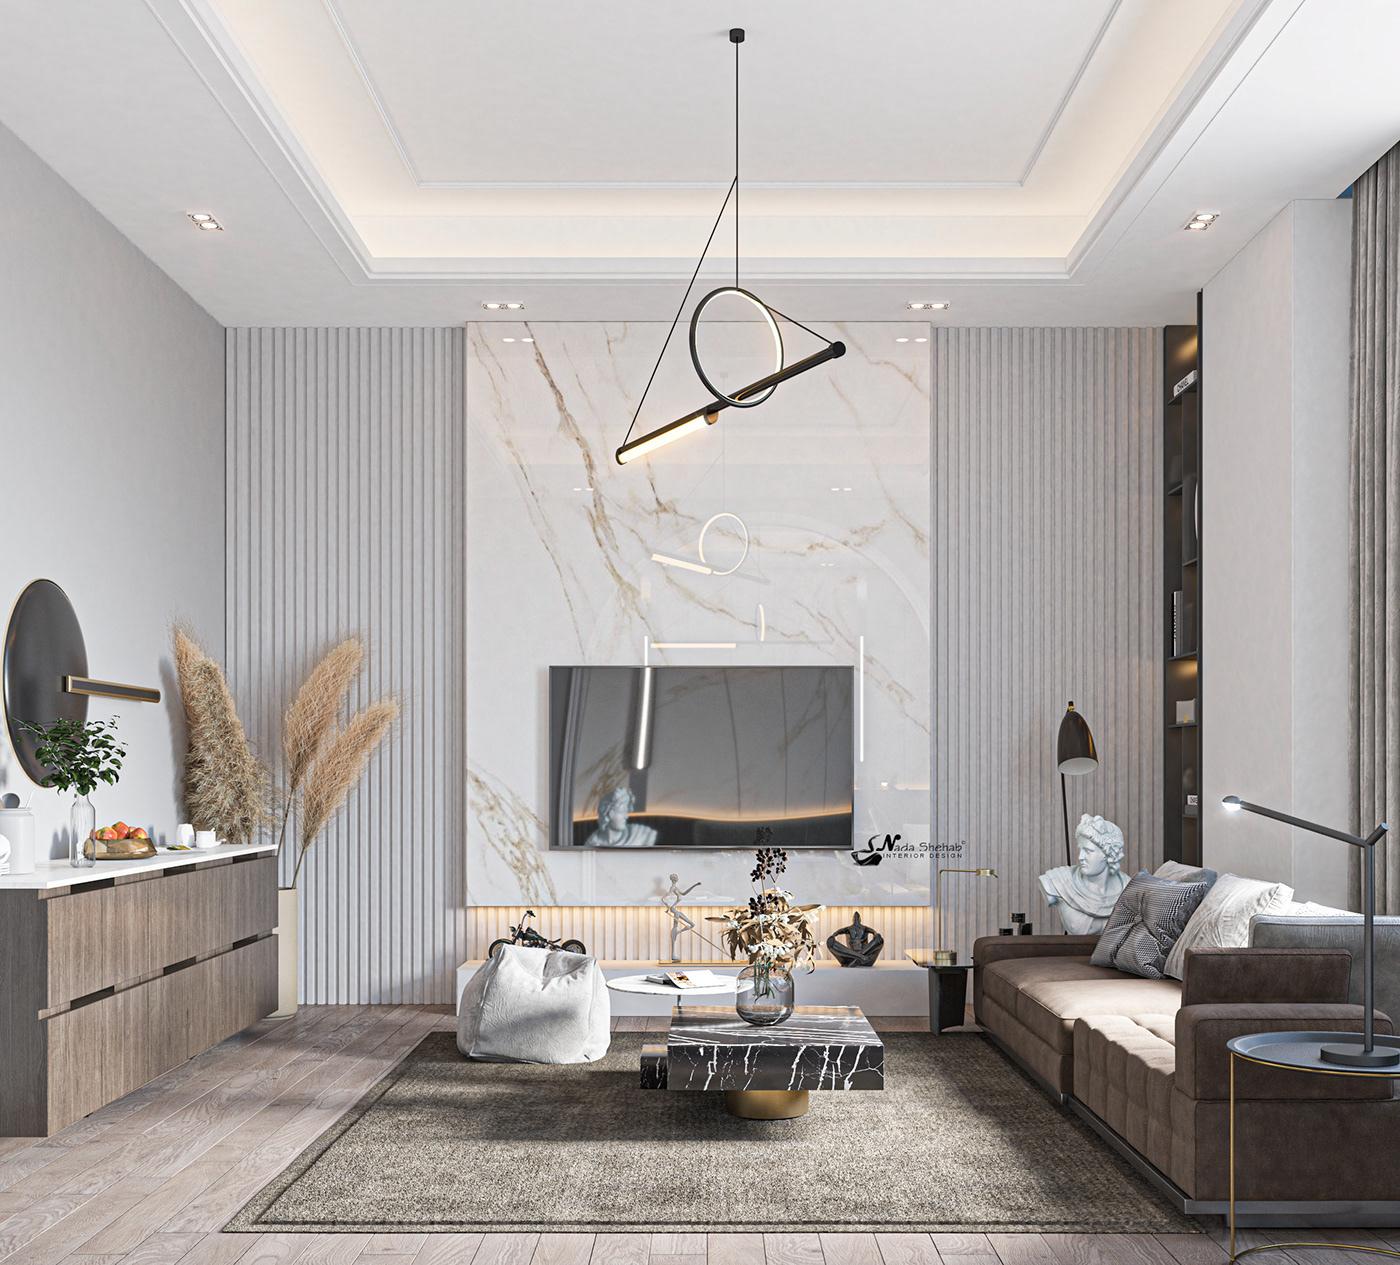 Hình ảnh có thể chứa: trong nhà, tường và nội thất